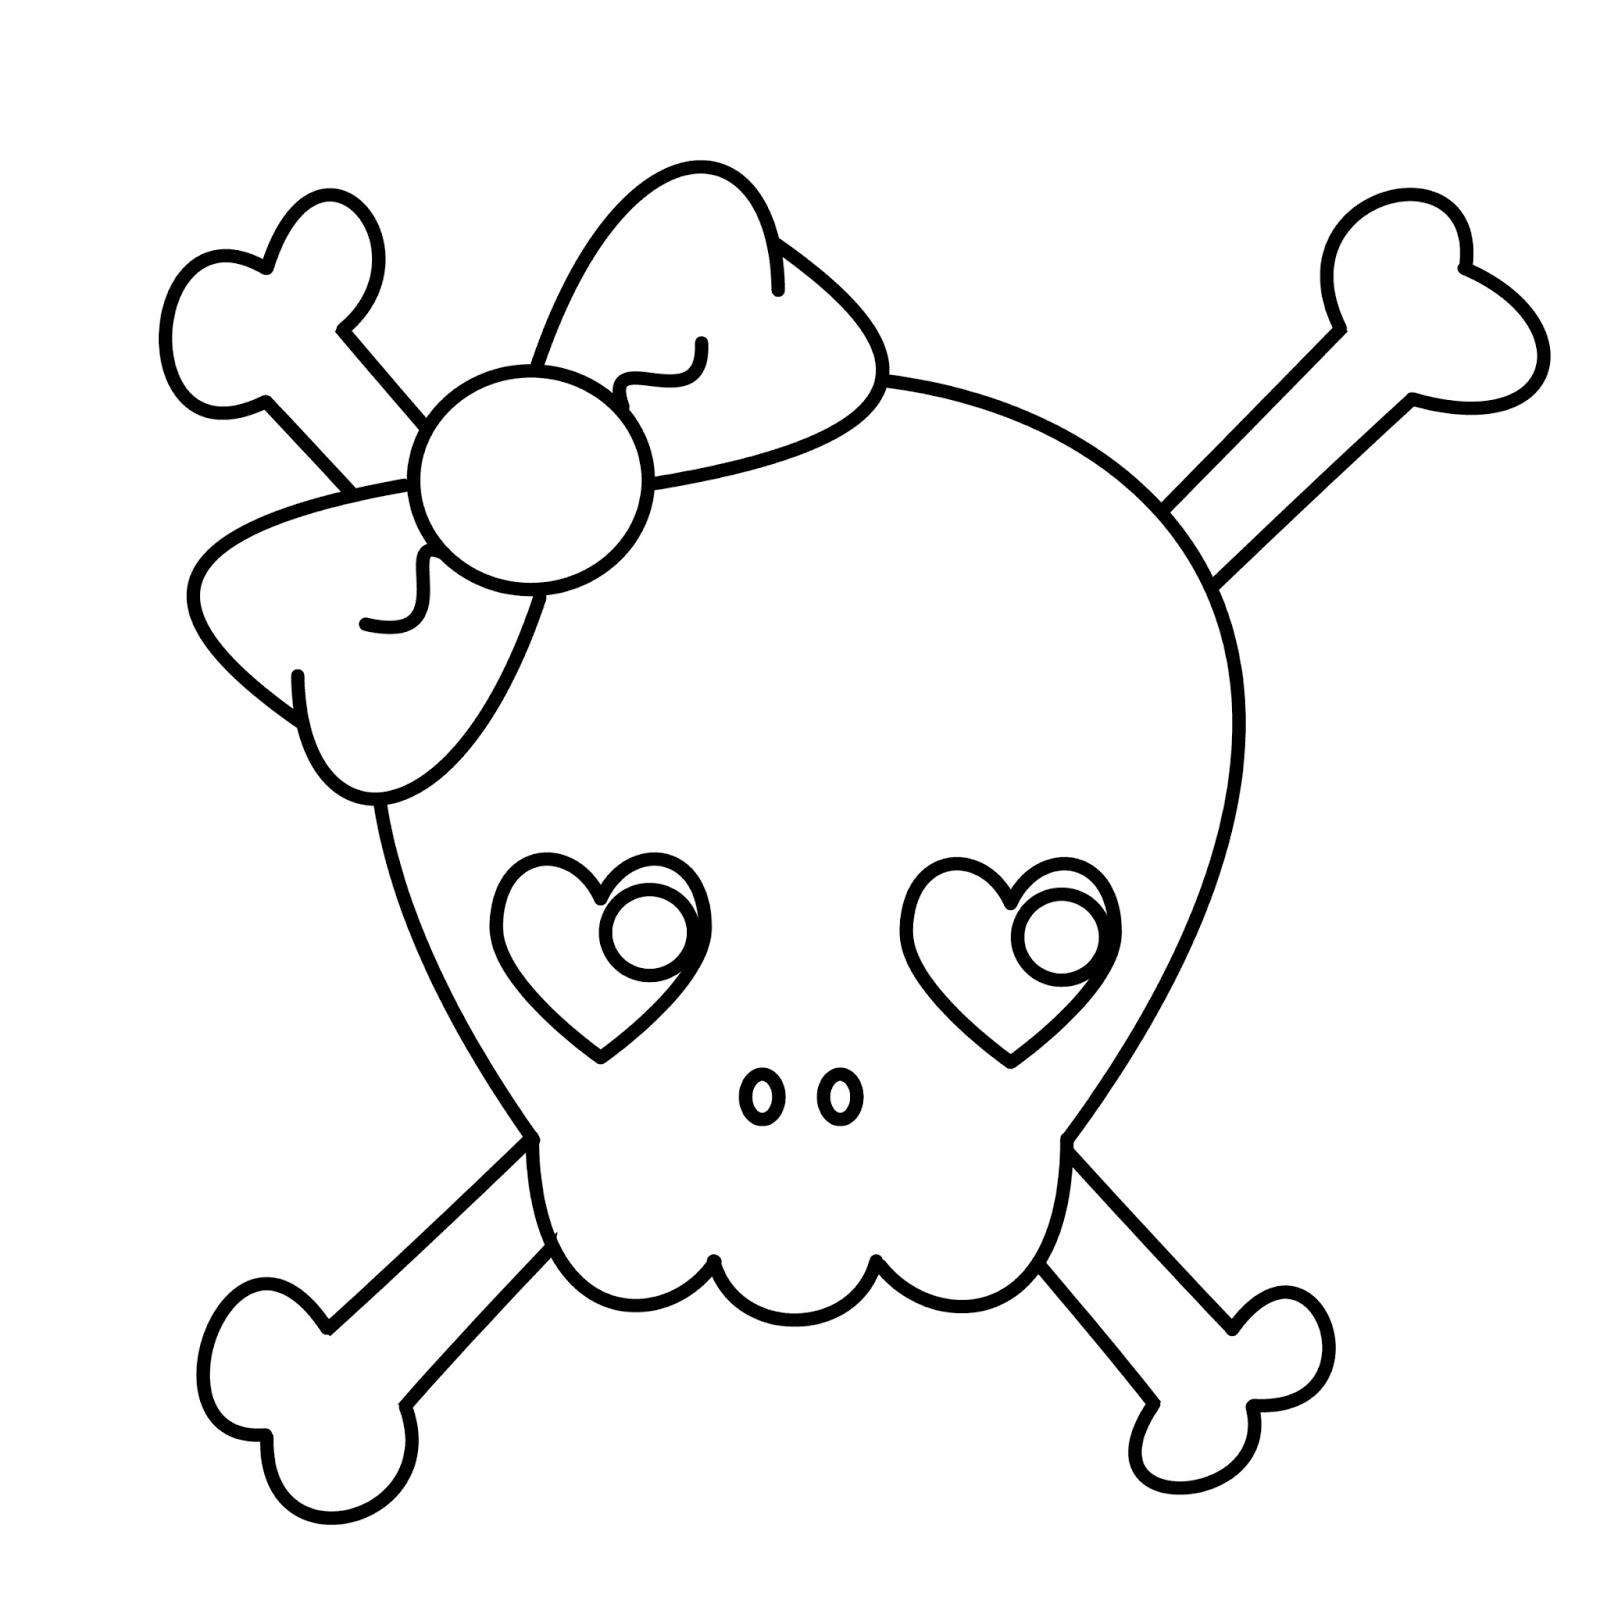 how to draw cute kawaii